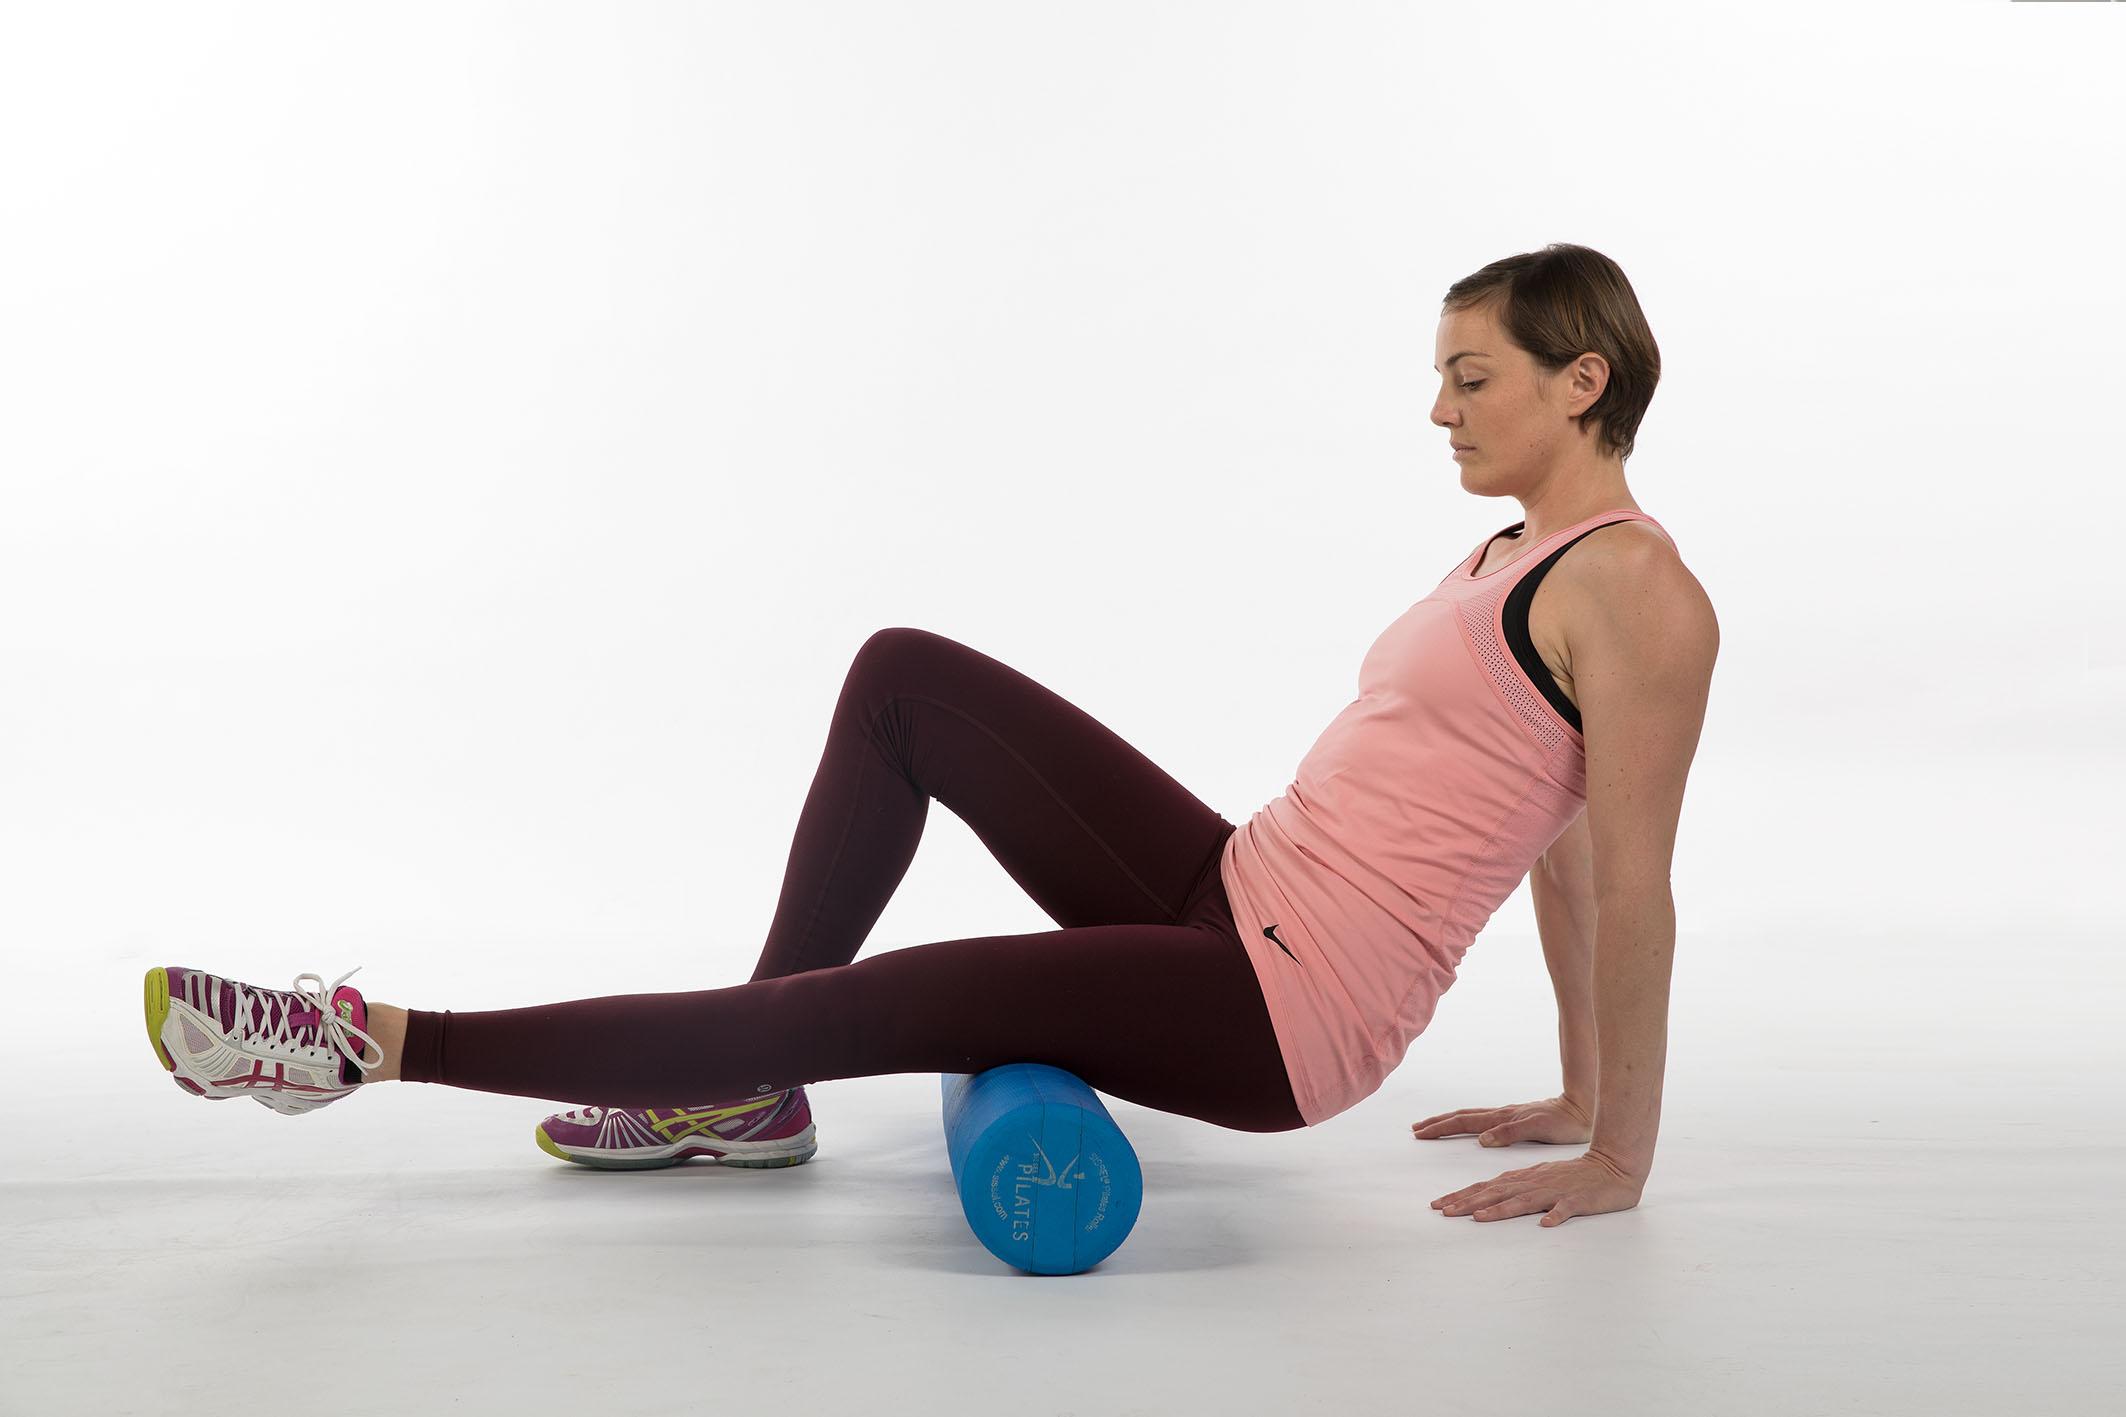 Berühmt Training mit Hilfsmitteln − Foam-Roller: Hintere Oberschenkel &UV_86